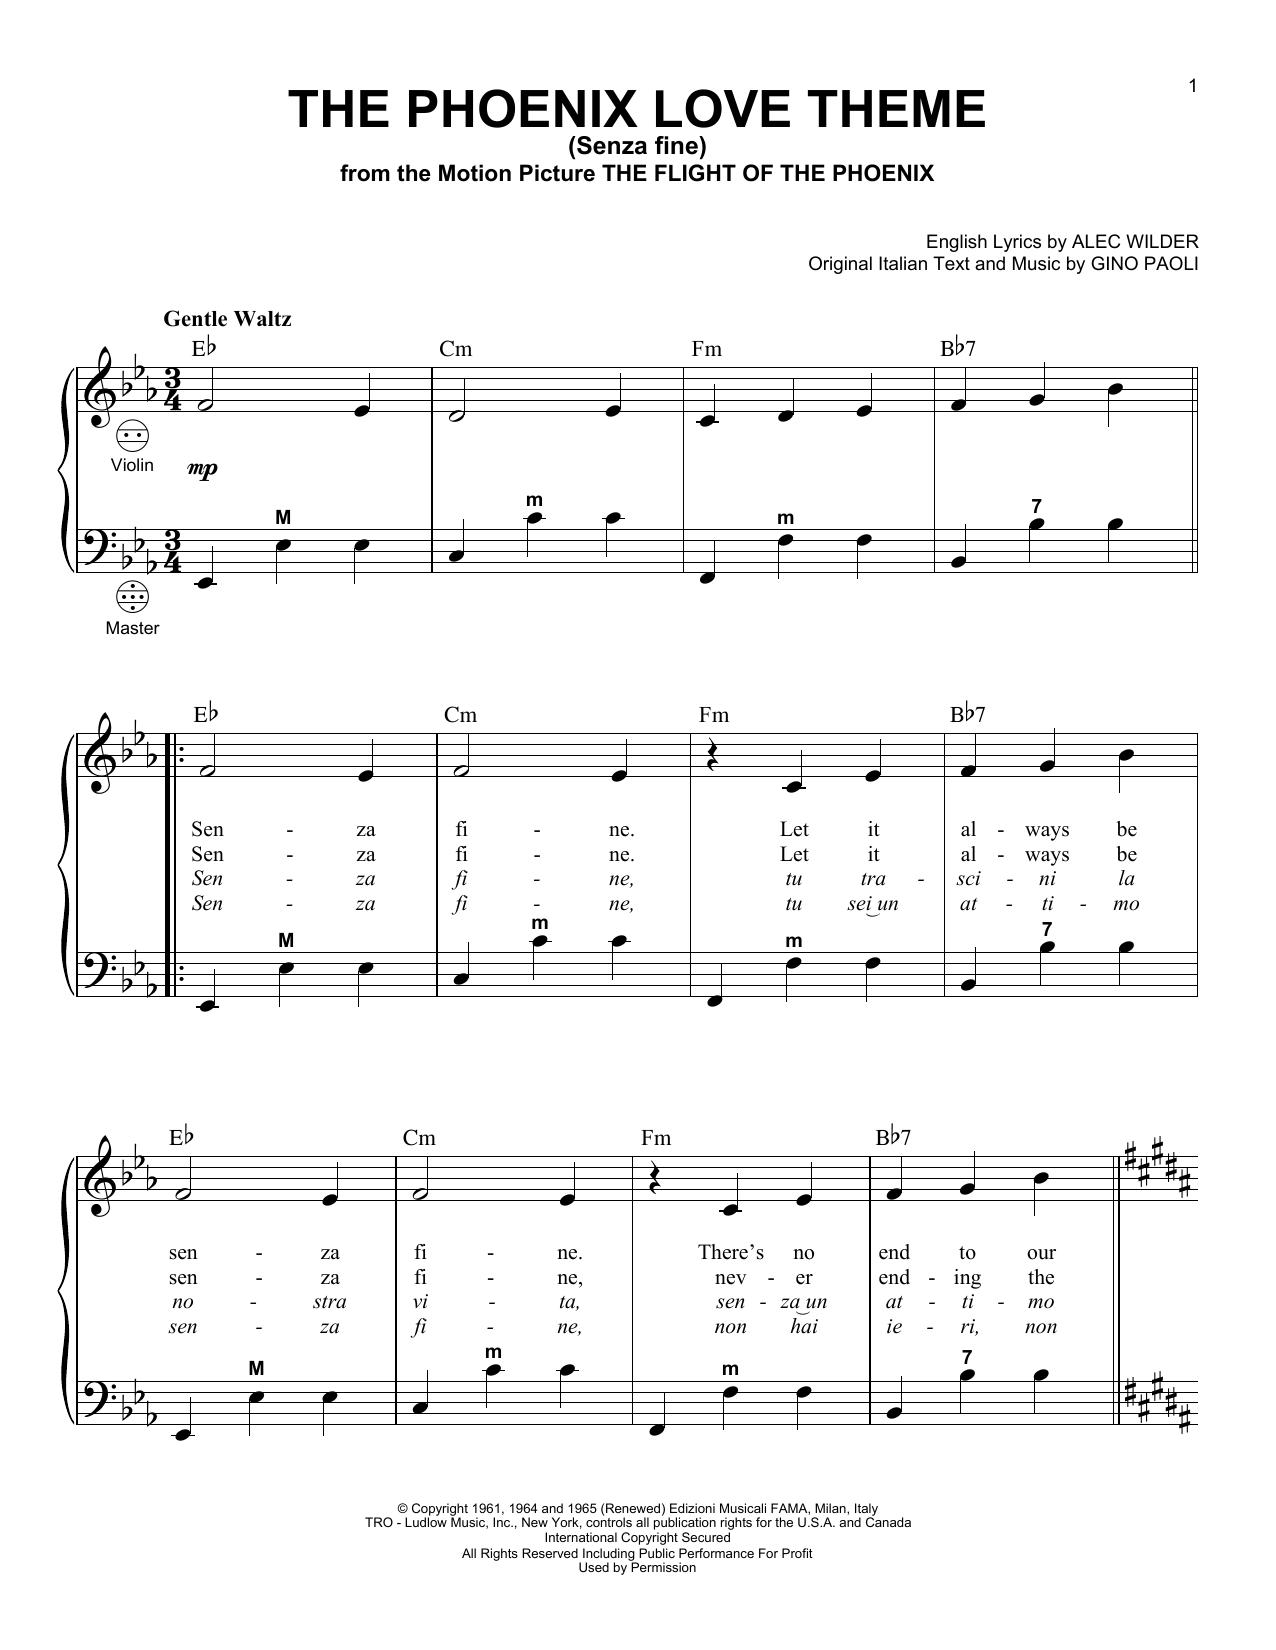 senza fine lyrics